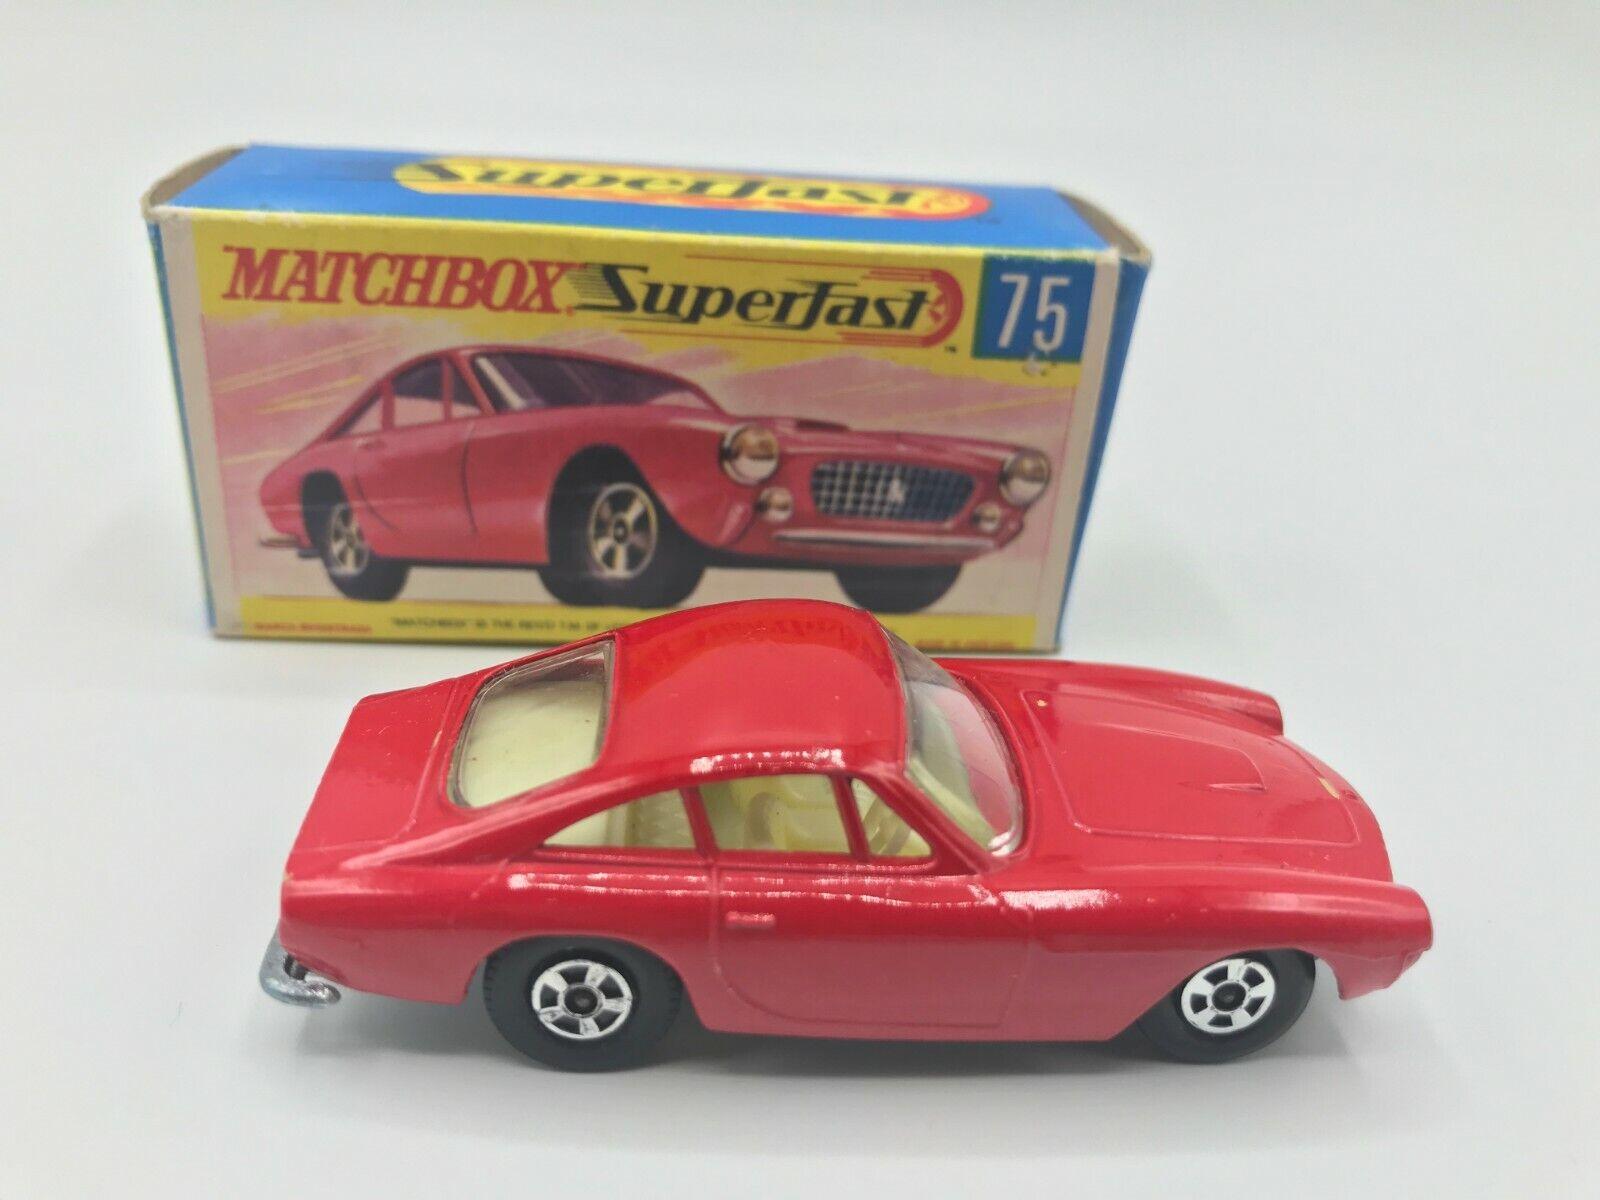 Matchbox Superfast Ferarri Berlinetta    75 New Old Stock In Original G2 Box 117